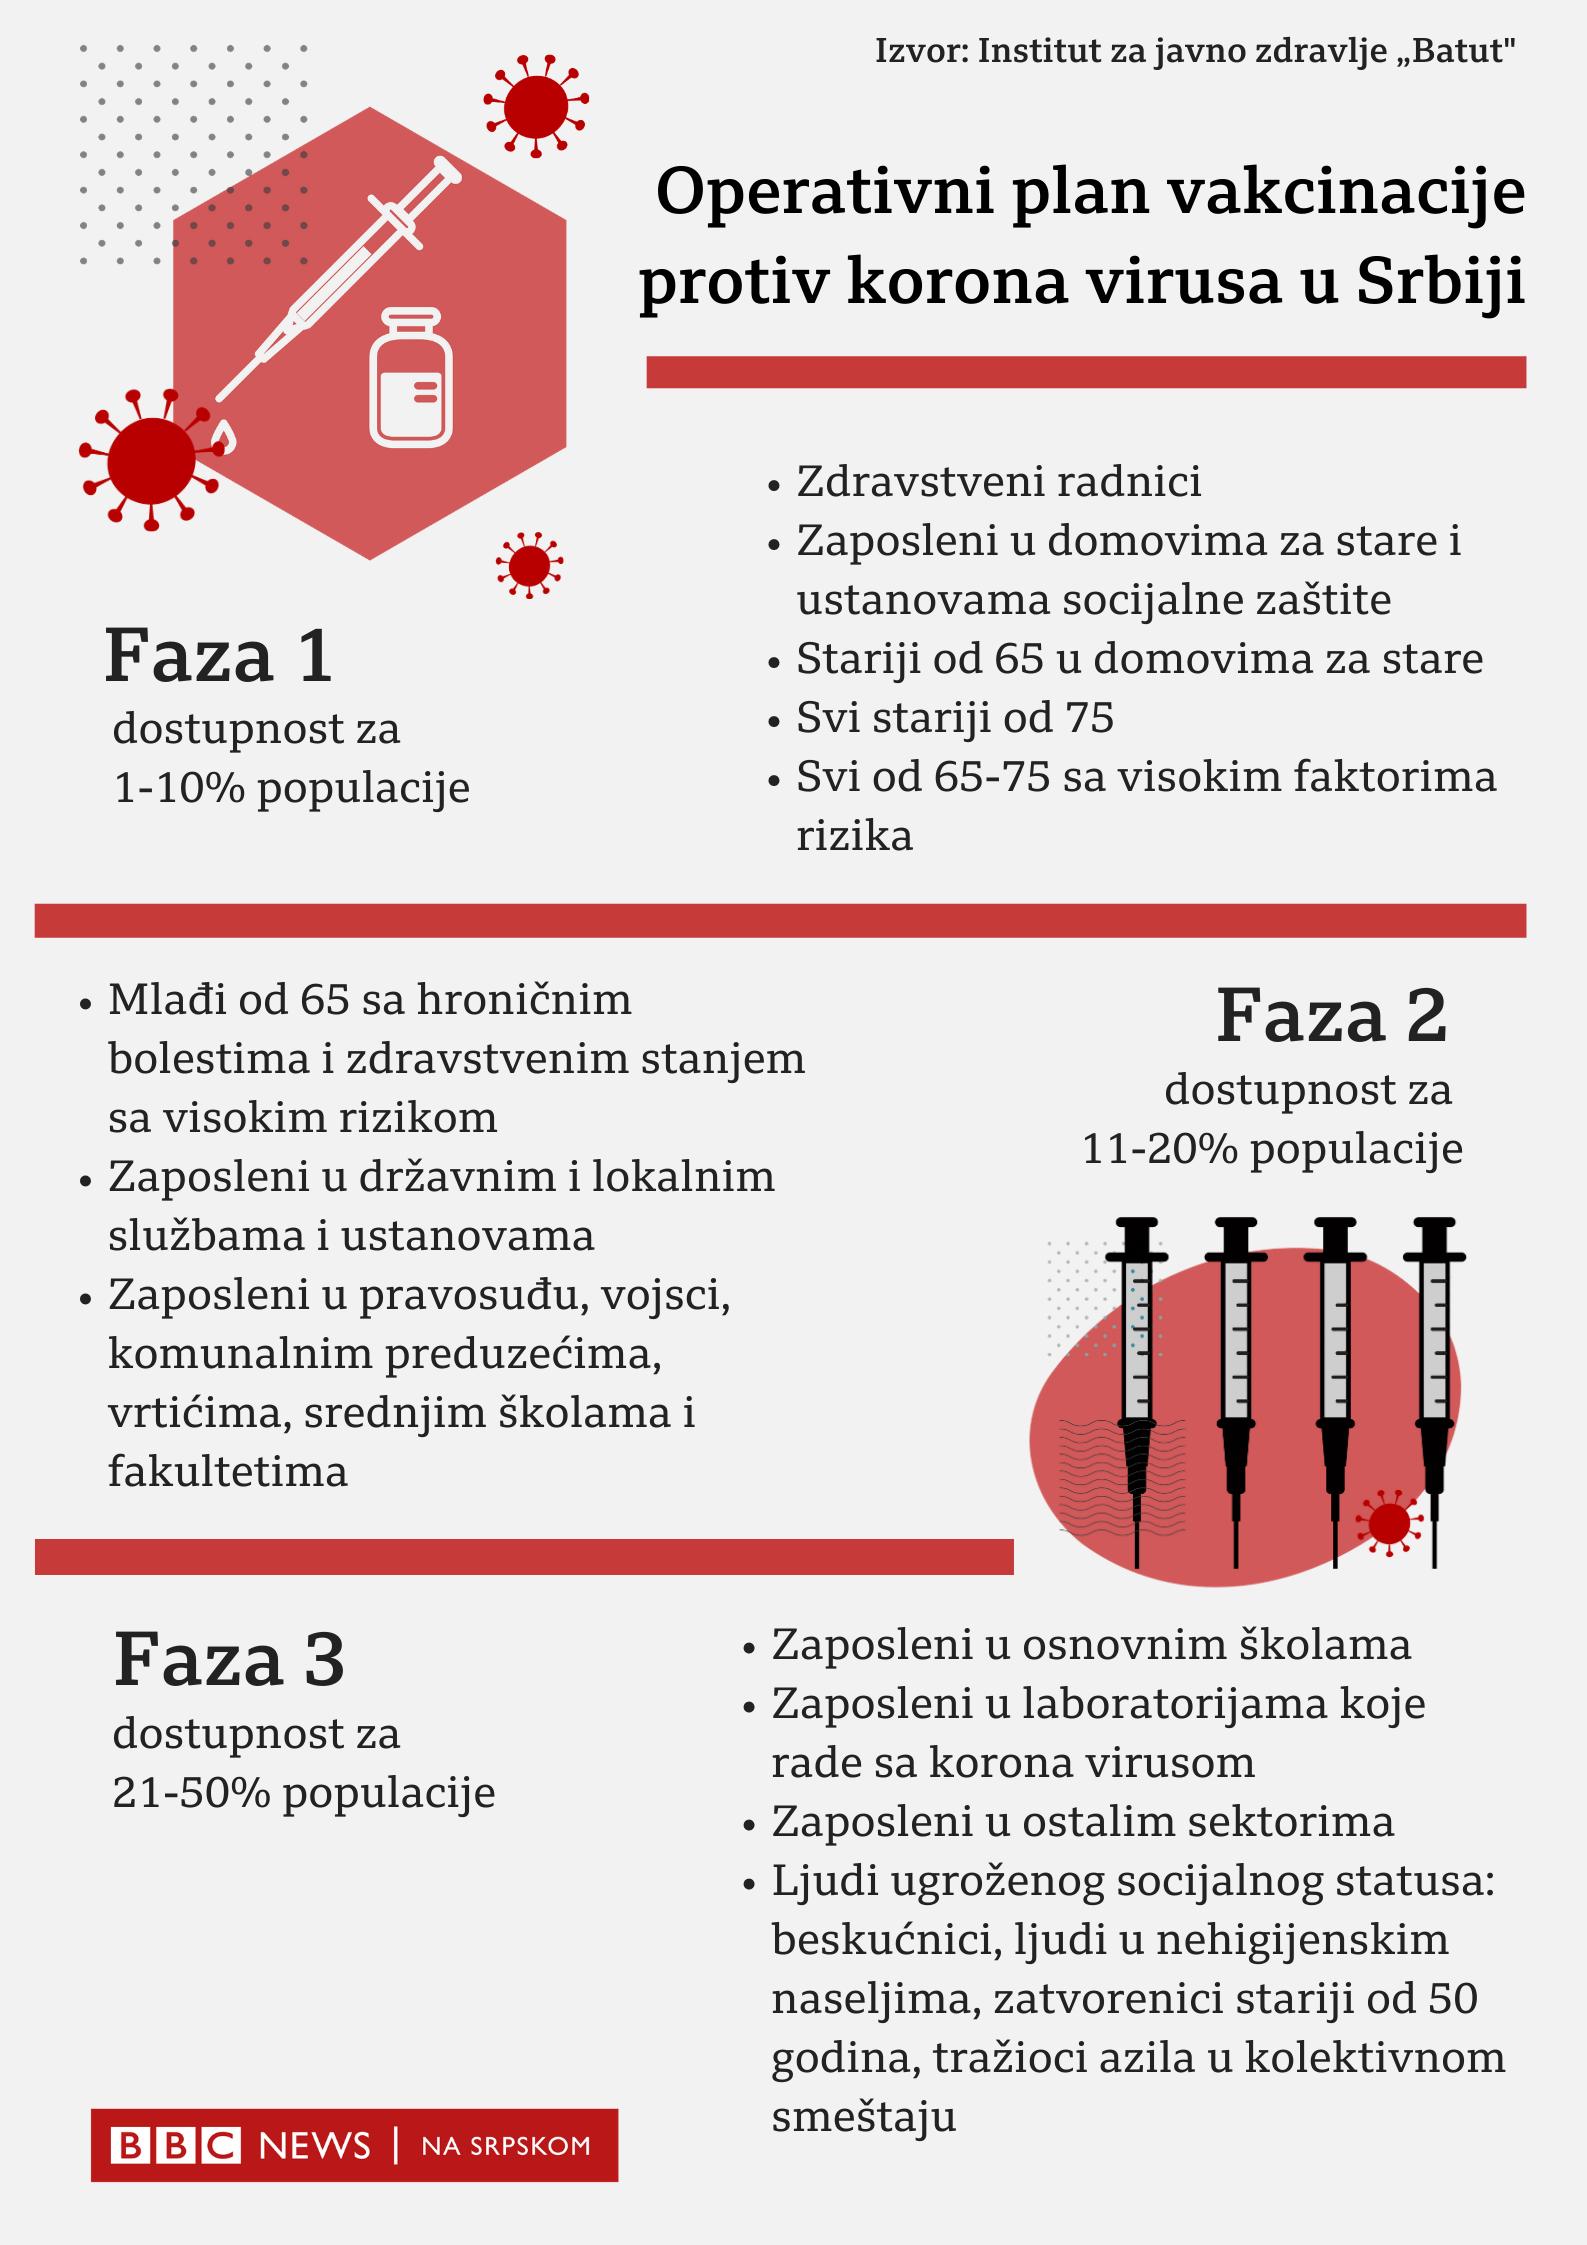 Operativni plan vakcinacije